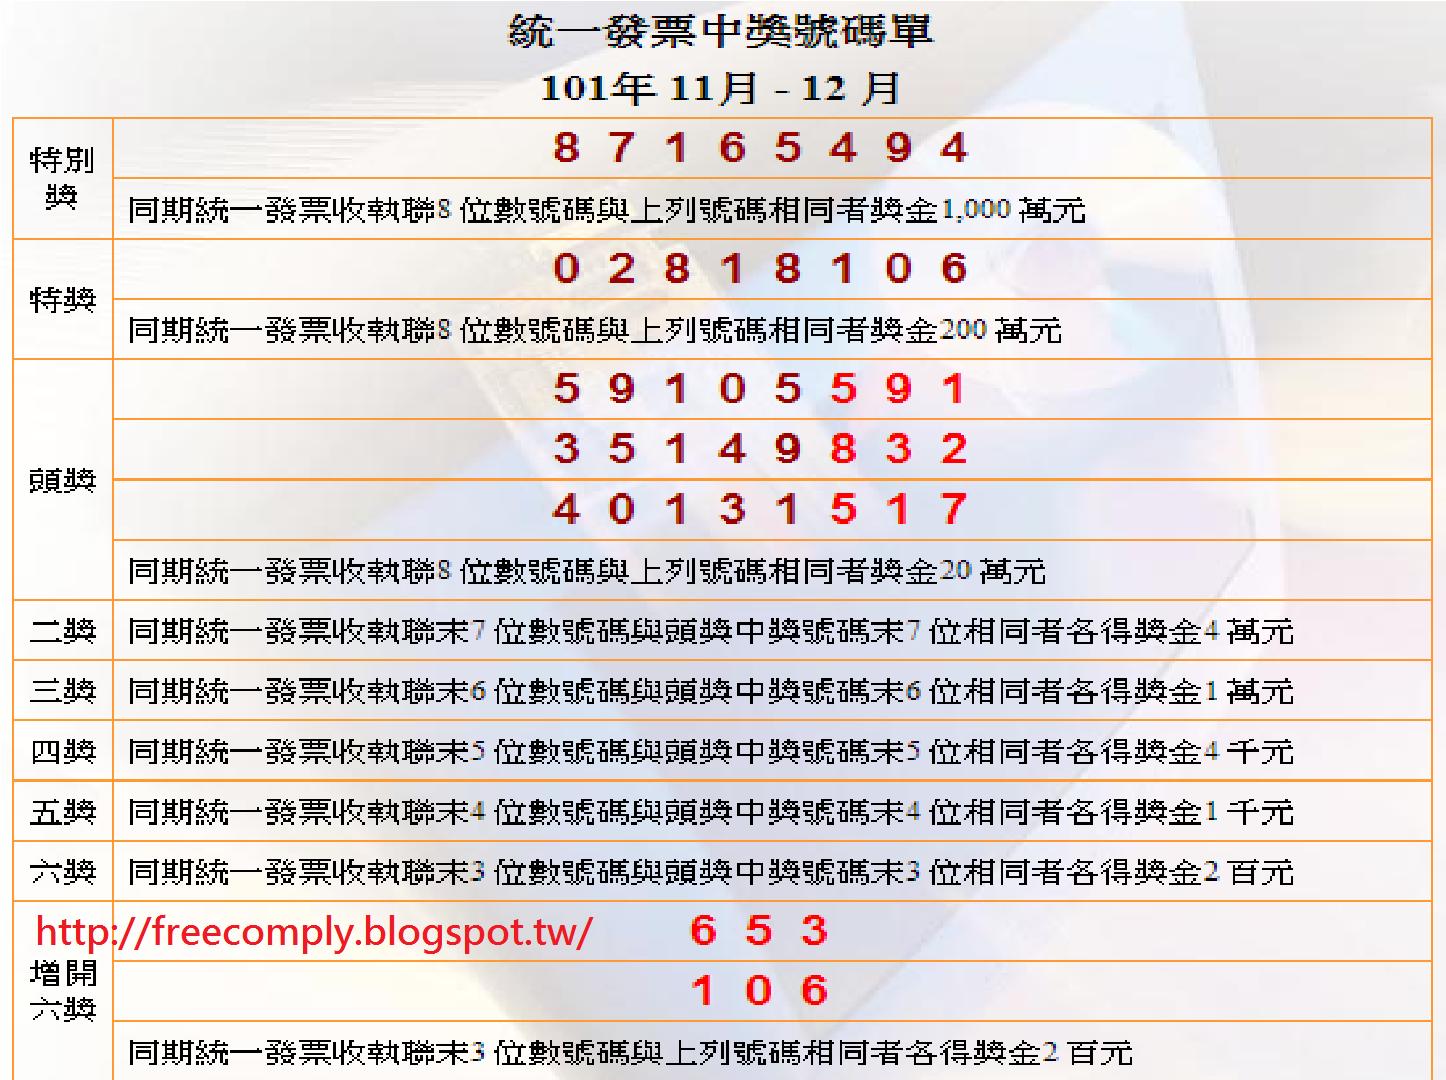 免費軟體資訊: 2012 統一發票對獎號碼 101年11~12月